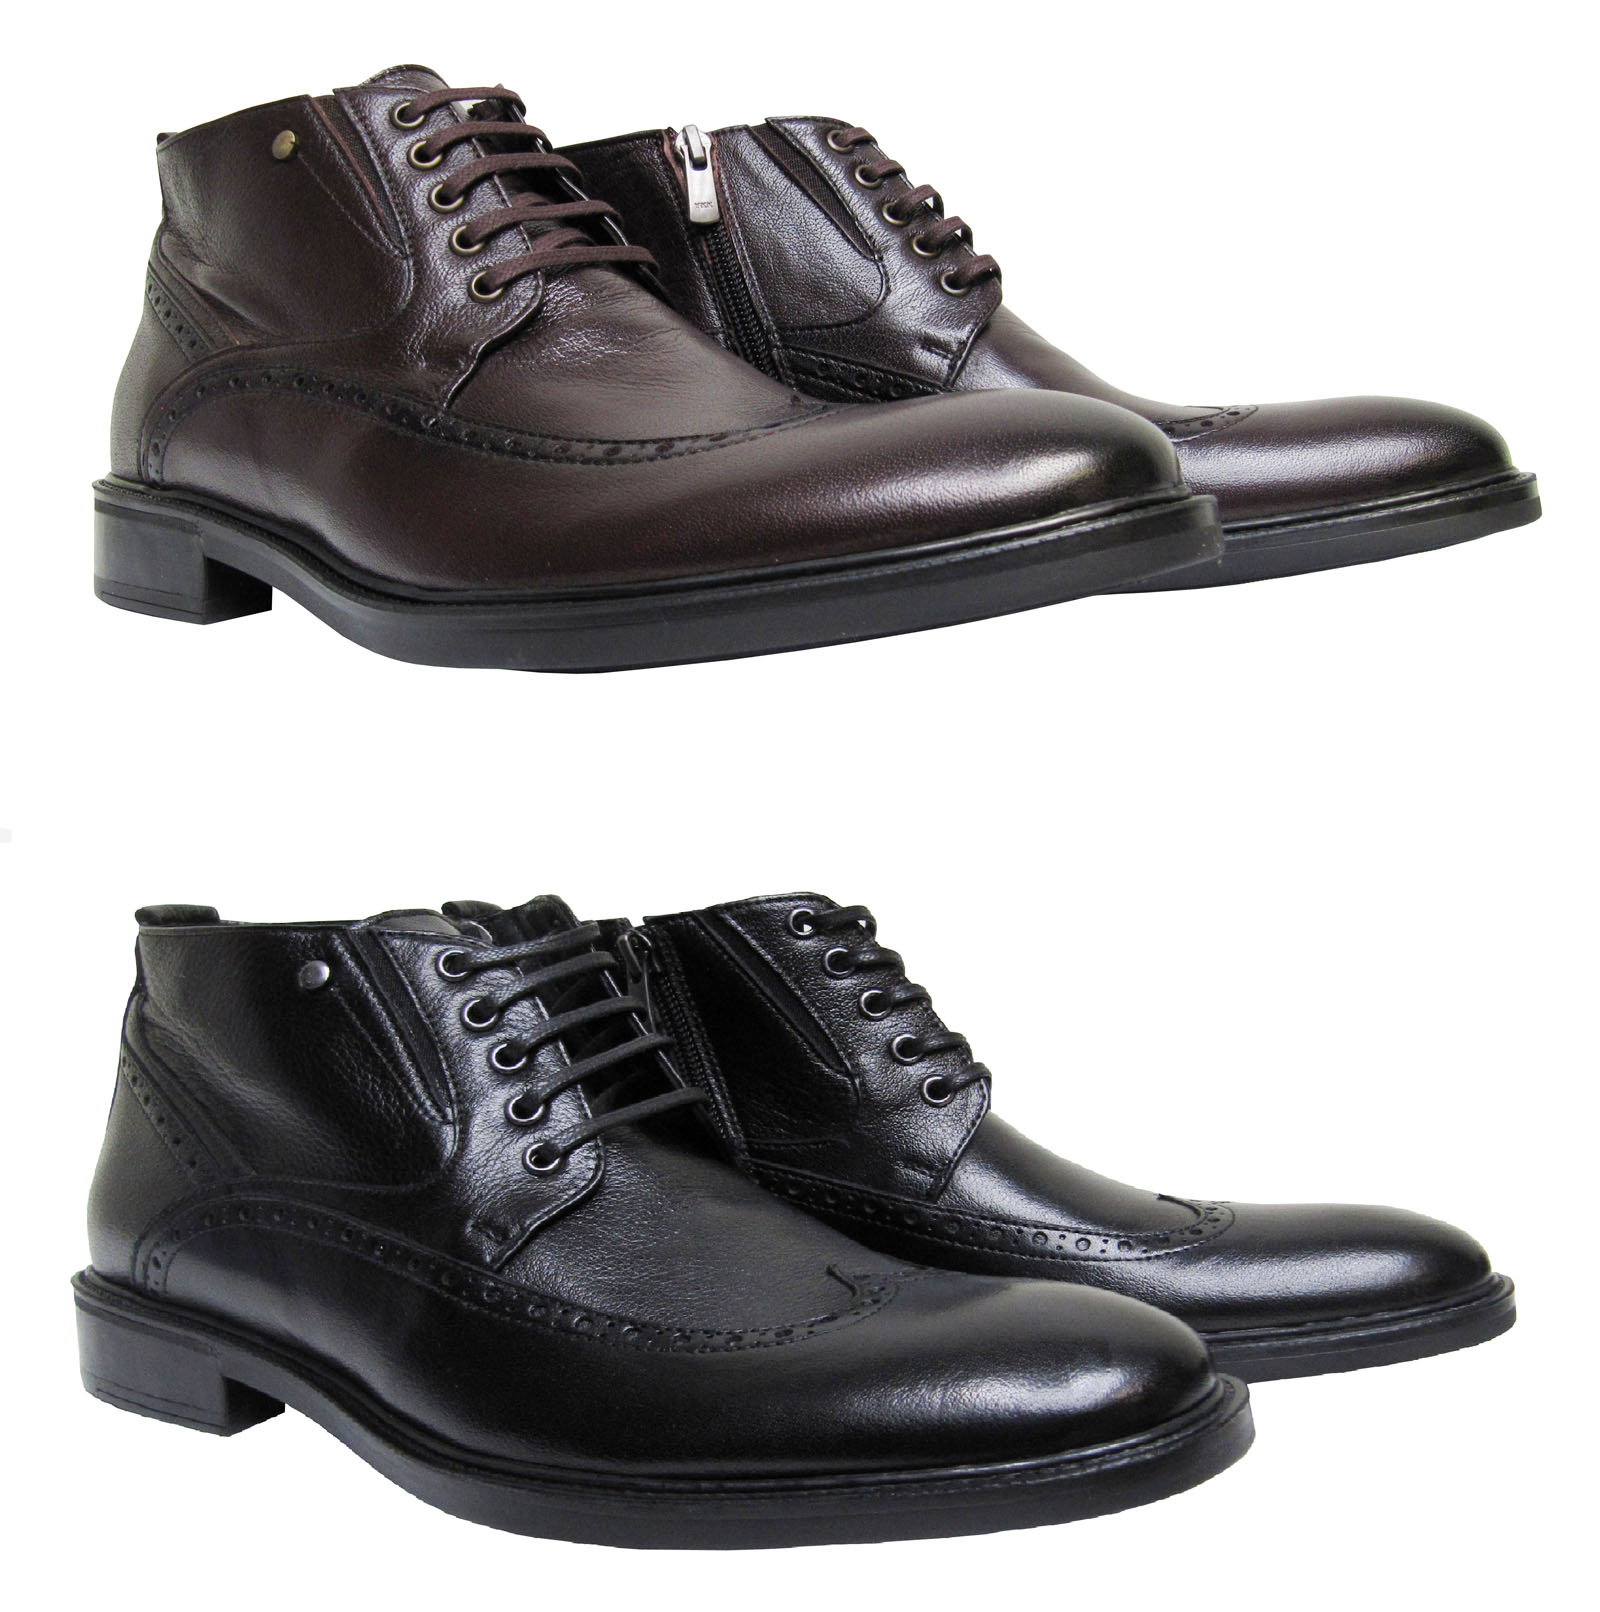 72fcc957b9e638 Elegante Herren Stiefeletten für viele Anlässe Schwarz